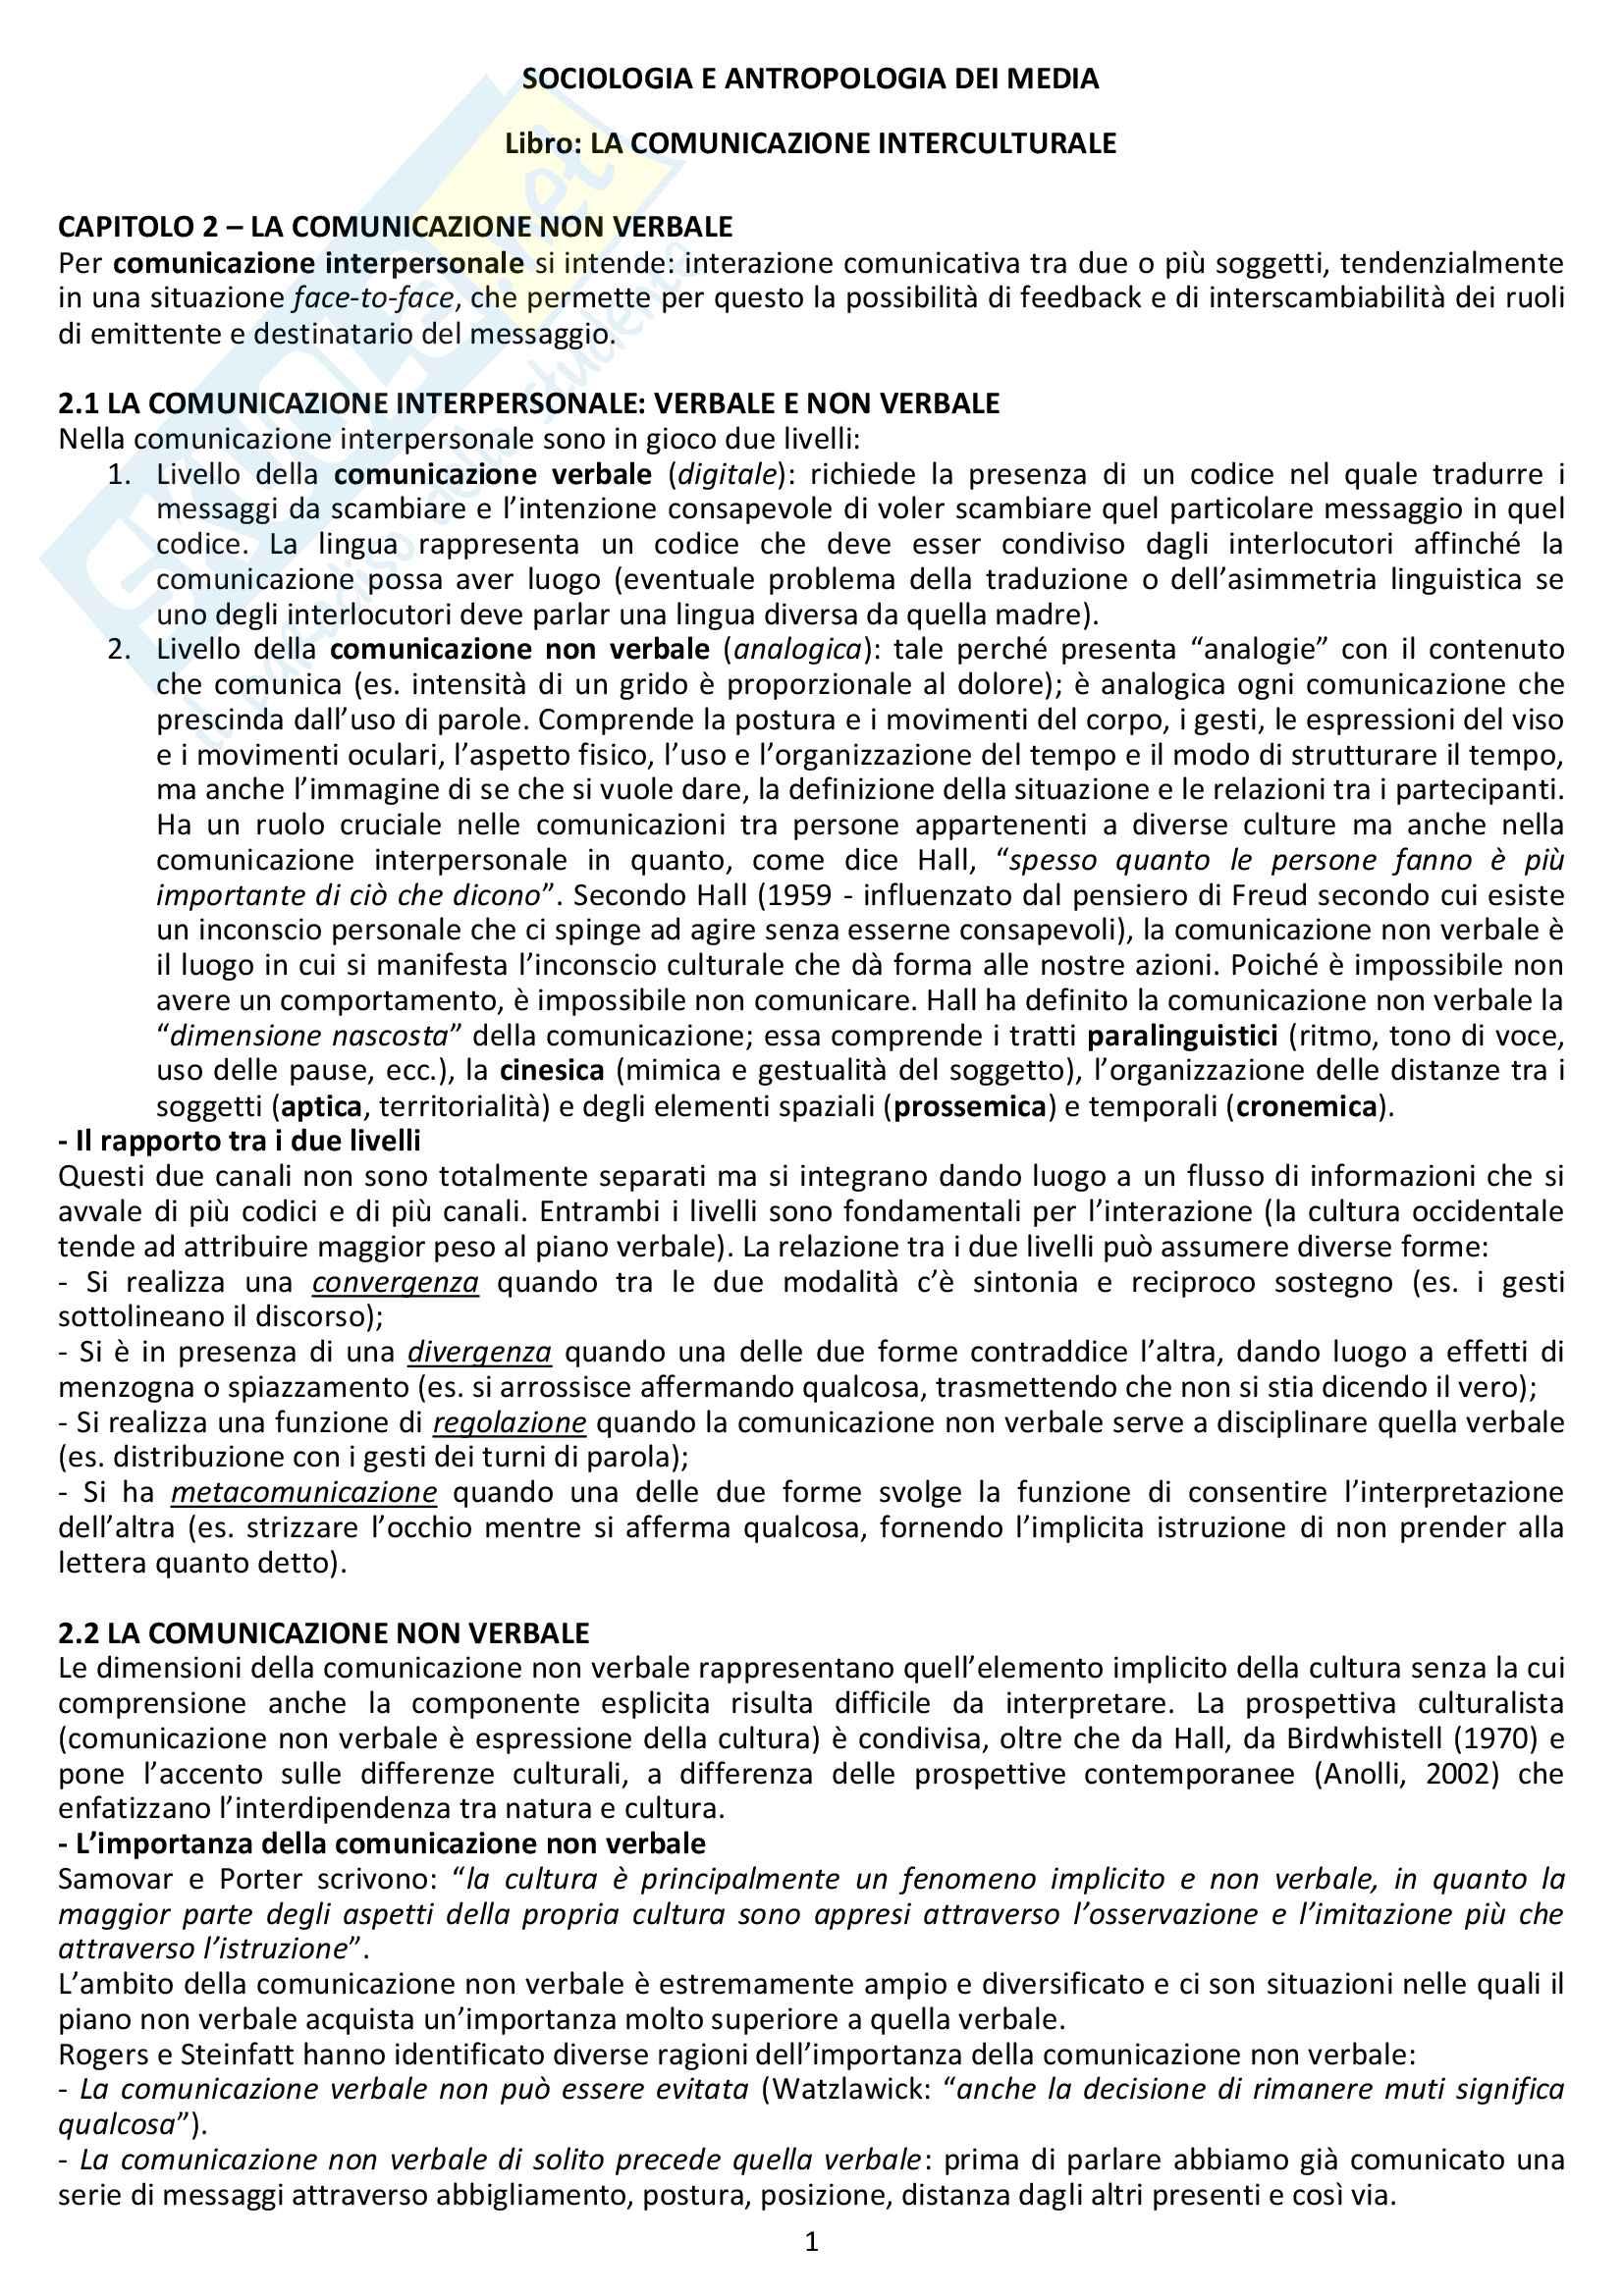 Riassunto esame Sociologia e antropologia dei media, prof. Giaccardi. Libro consigliato La Comunicazione Interculturale nell'era digitale (cap. 2 e 3)